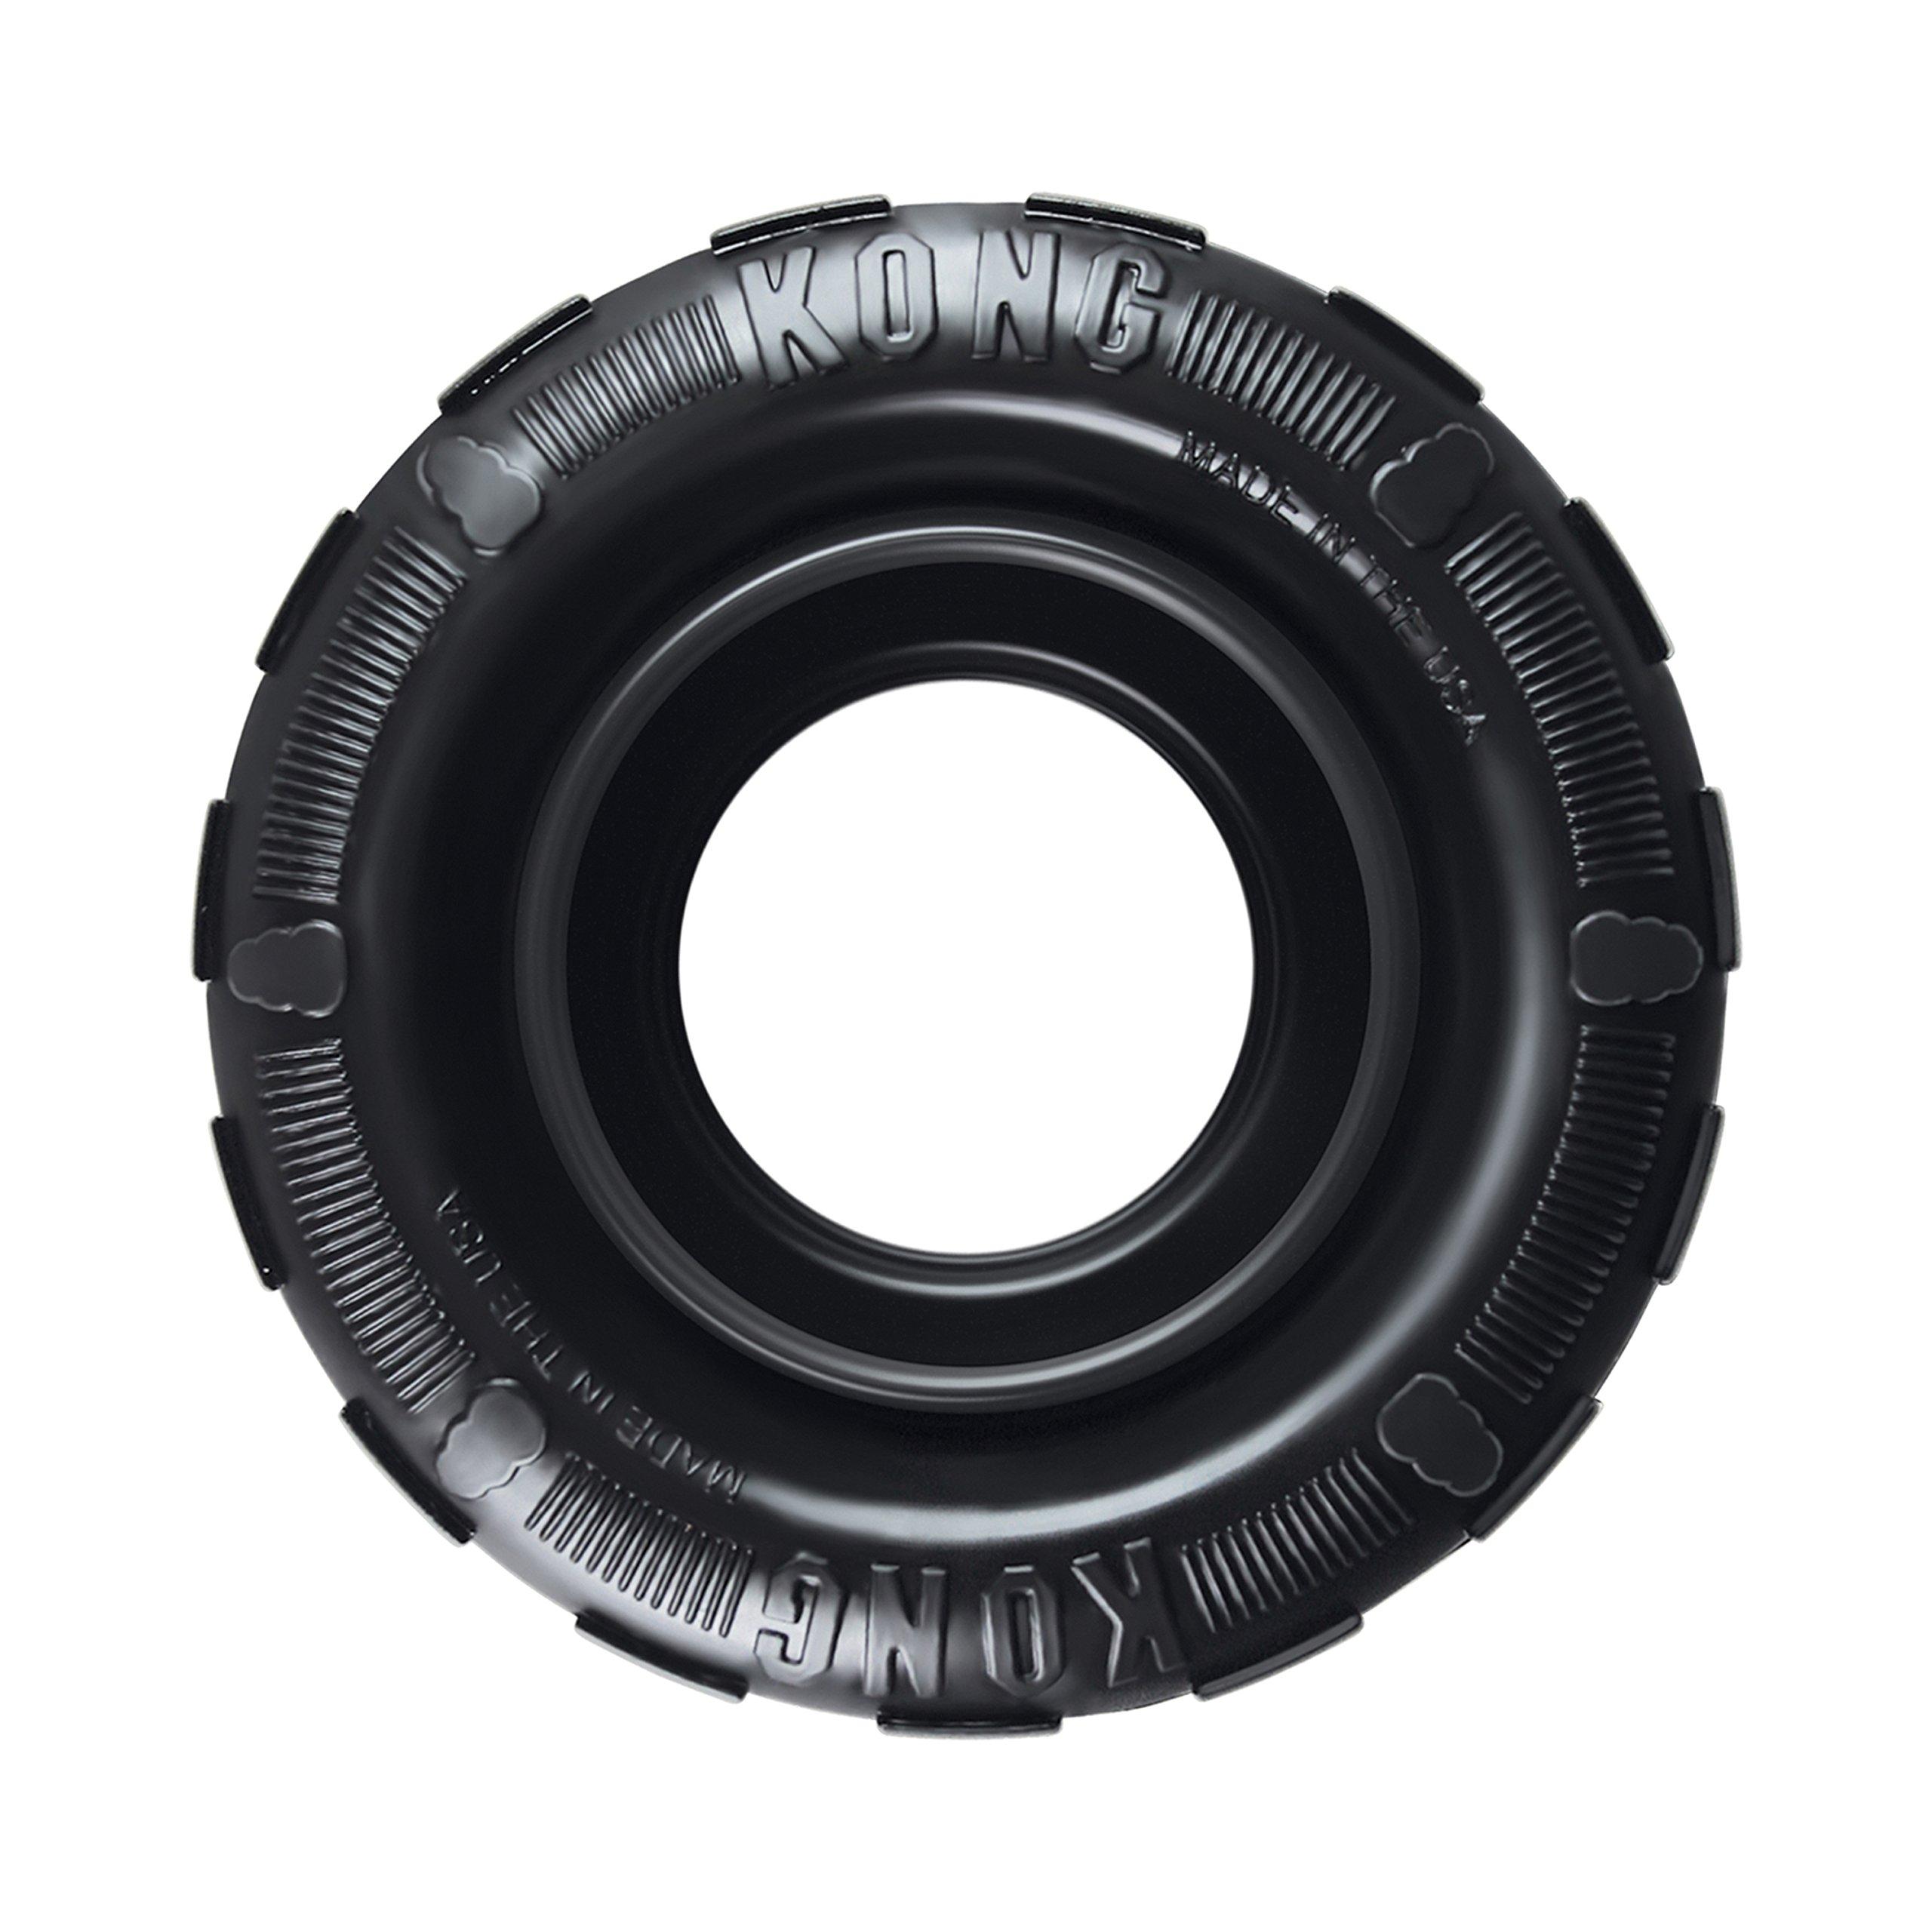 Kong Extreme Neumático Traxx perro de juguete de goma negro durable dispensador de golosinas en 2 Tamaños